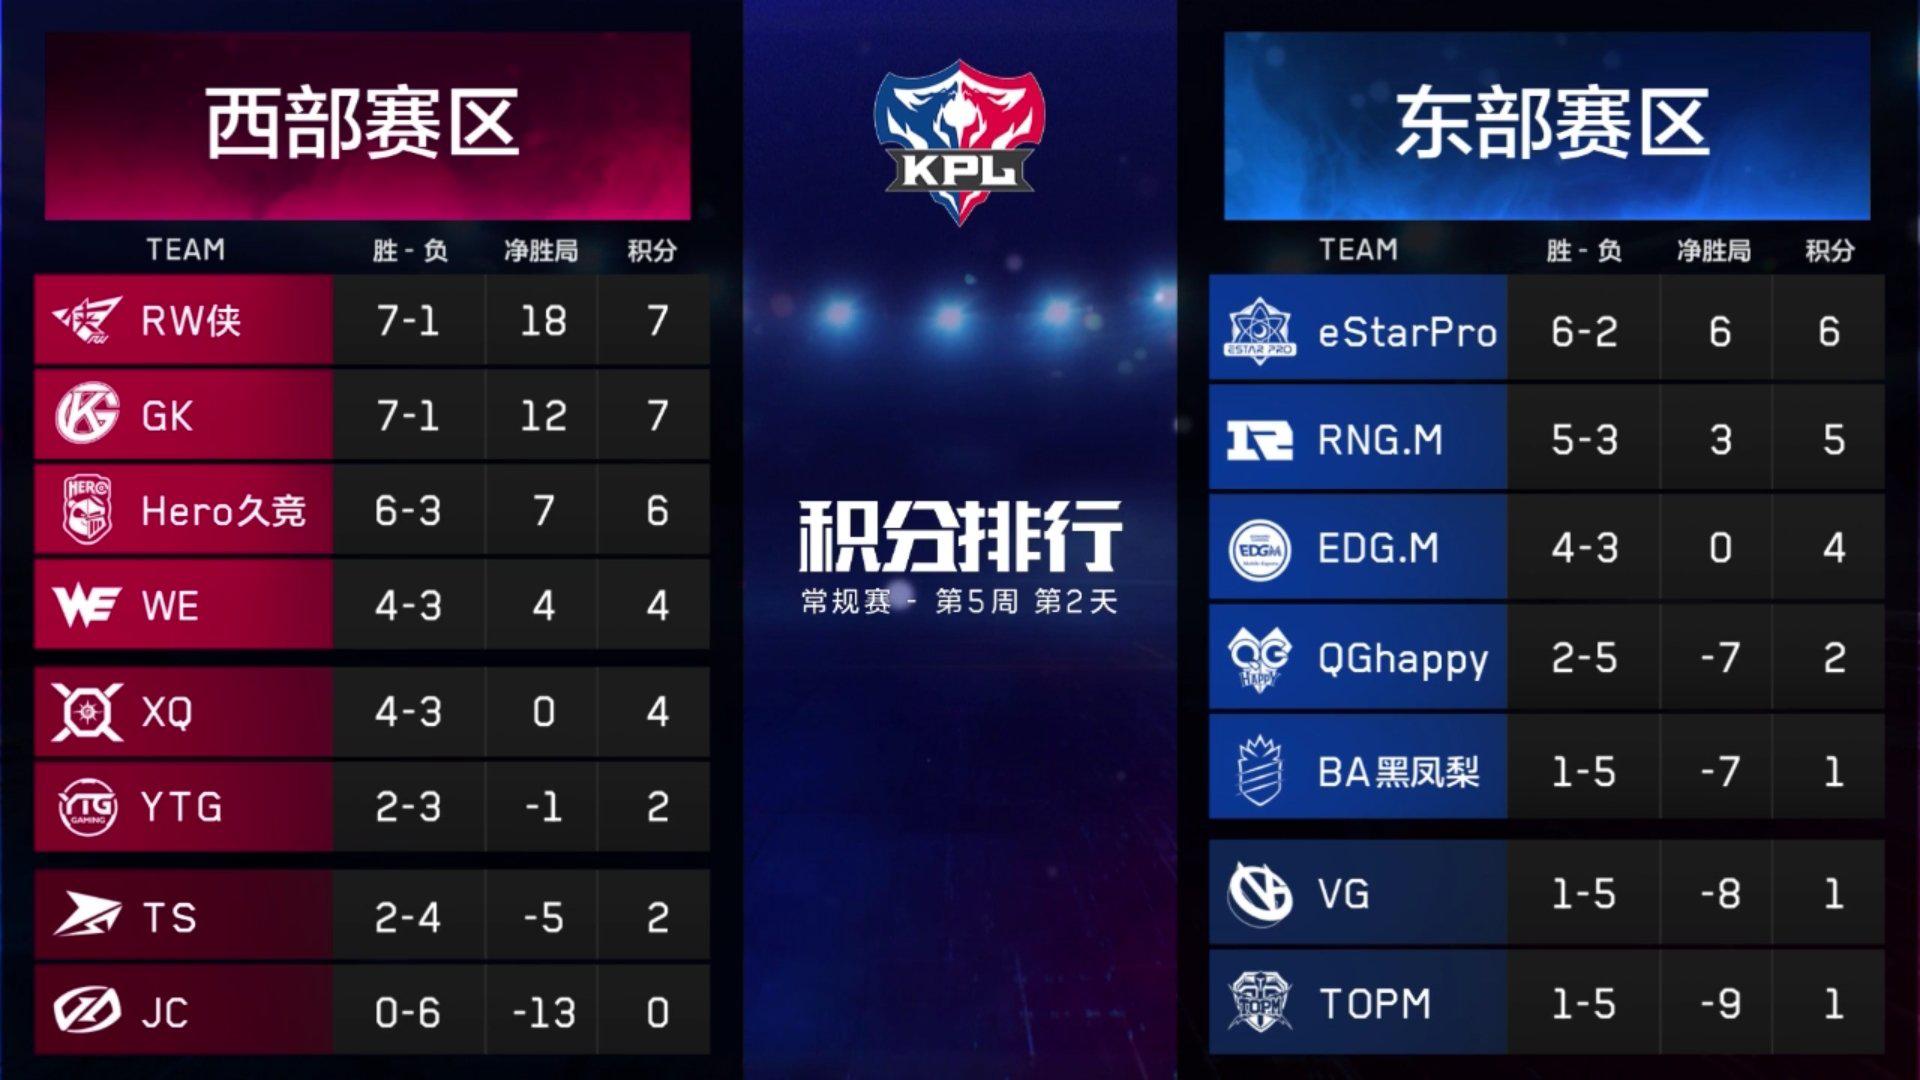 虎牙KPL: eStarPro稳居东部榜首 RNG.M完胜EDG.M